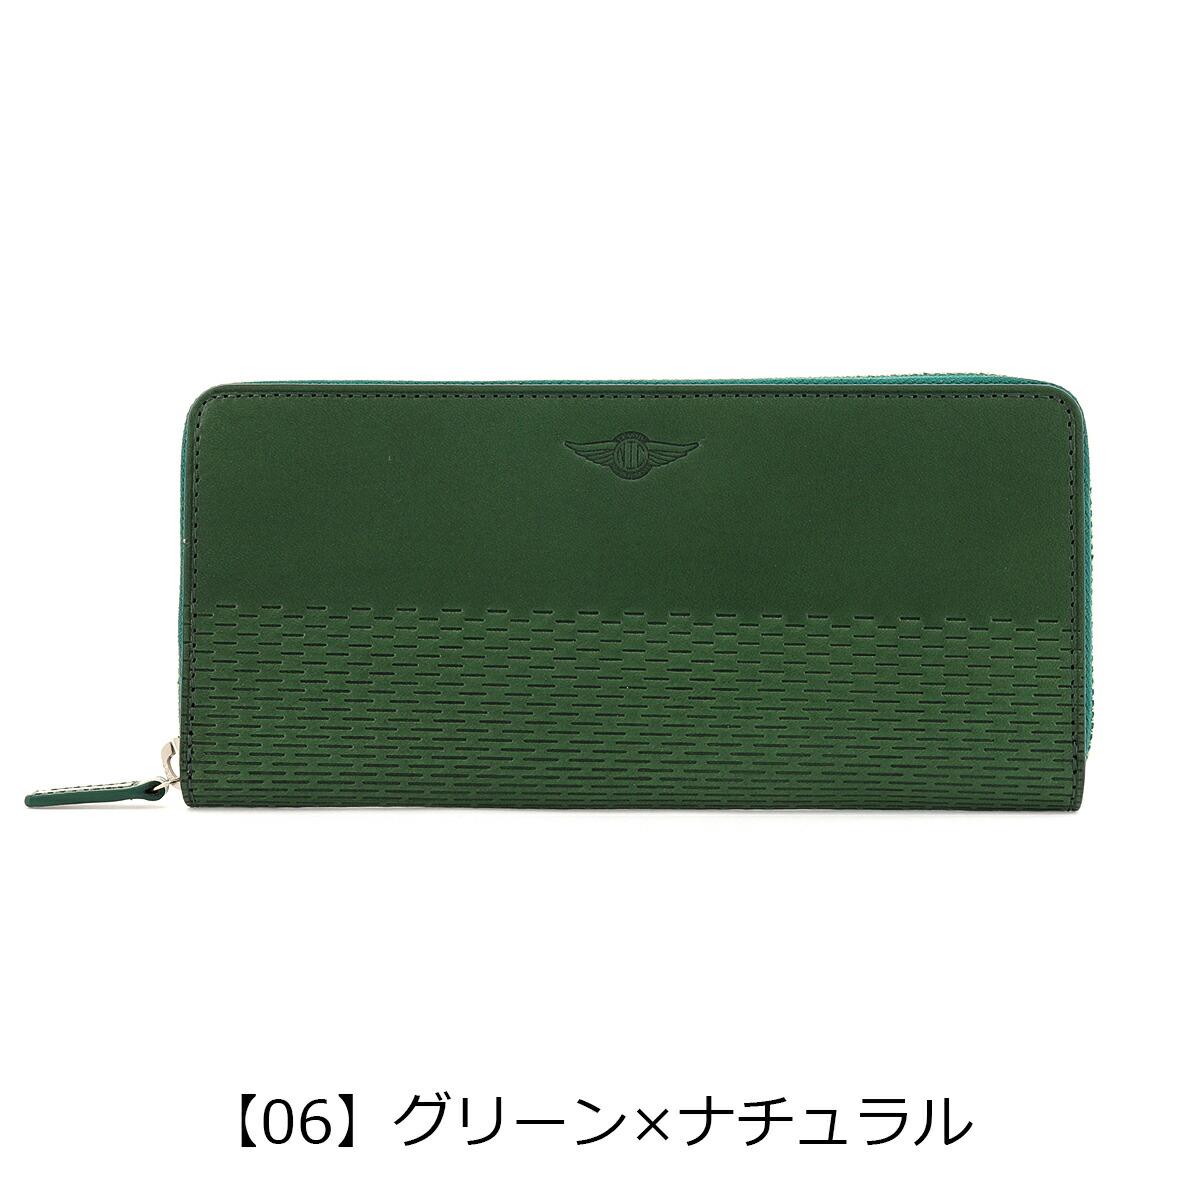 【06】グリーン×ナチュラル